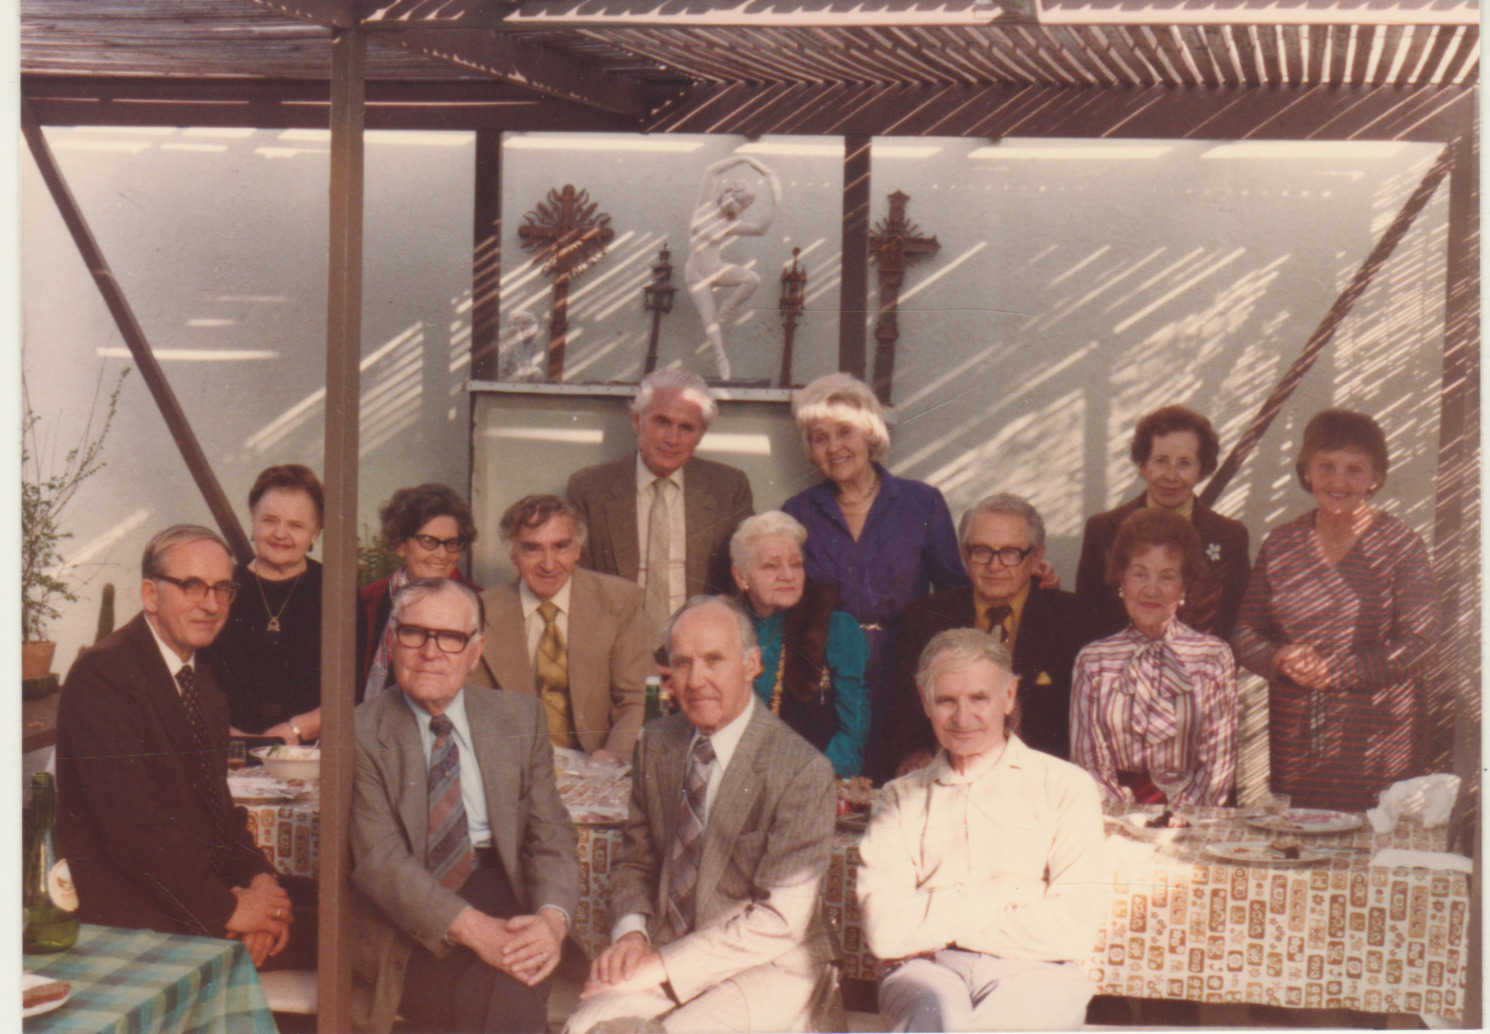 Dailiųjų menų klubo susibūrimas Los Andžele. 1982 m. Pas pirmininką P. Gasparonį. B. Brazdžionis II eilėje ketvirtas iš kairės; P. Gasparonis – I eilėje pirmas iš dešinės